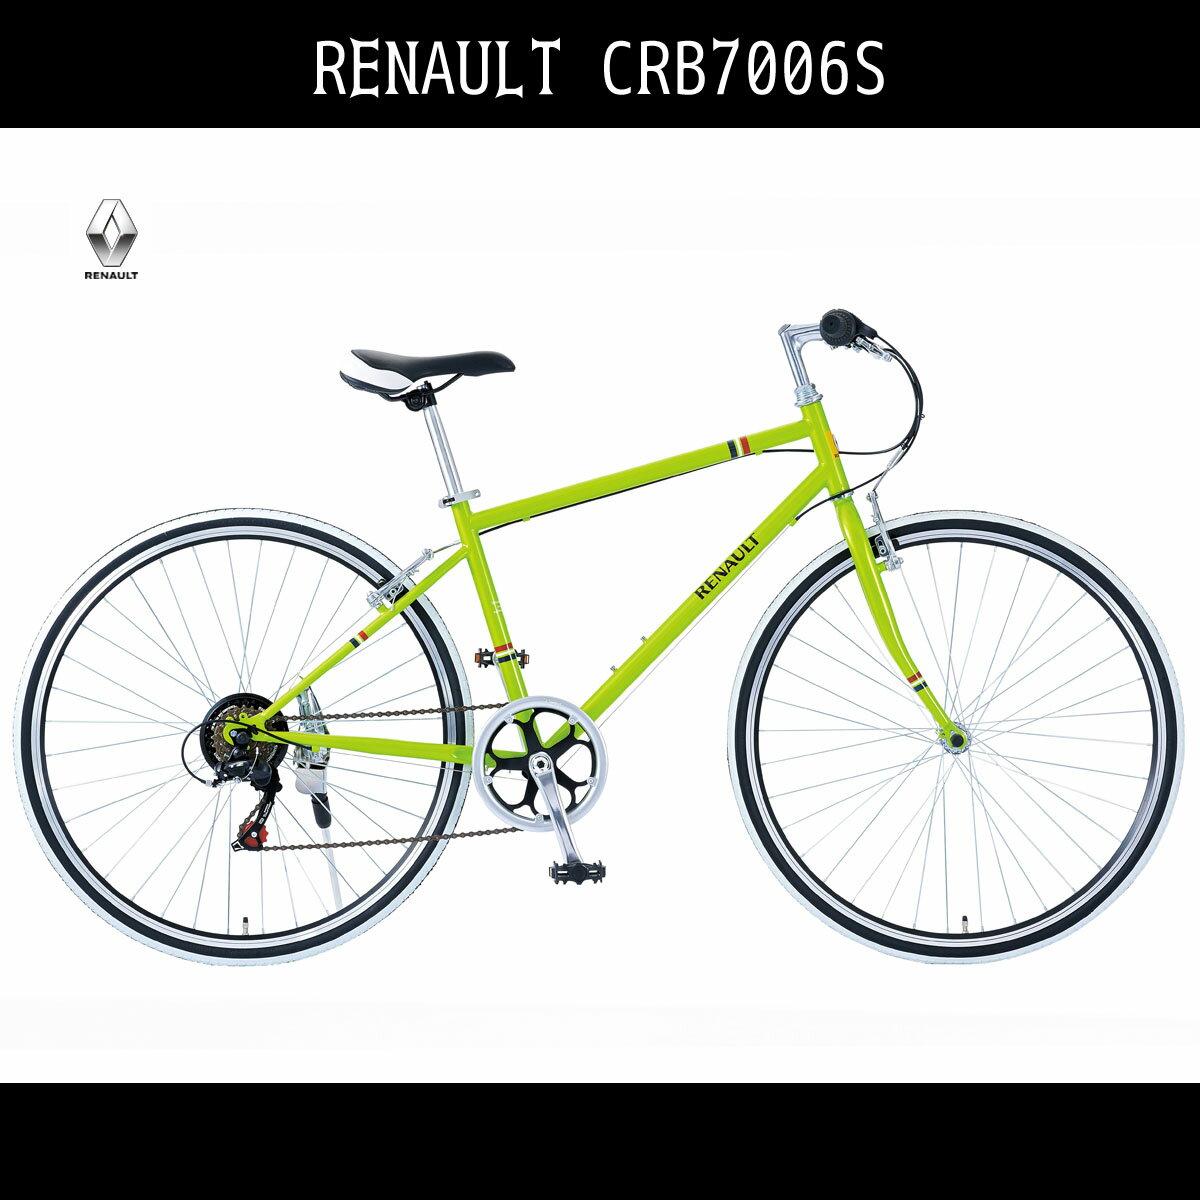 【送料無料 クロスバイク 自転車 ルノー(RENAULT)自転車】 グリーン/緑色【700c クロスバイク 軽量 外装6段変速ギア付き】 CRB7006S ルノー 自転車